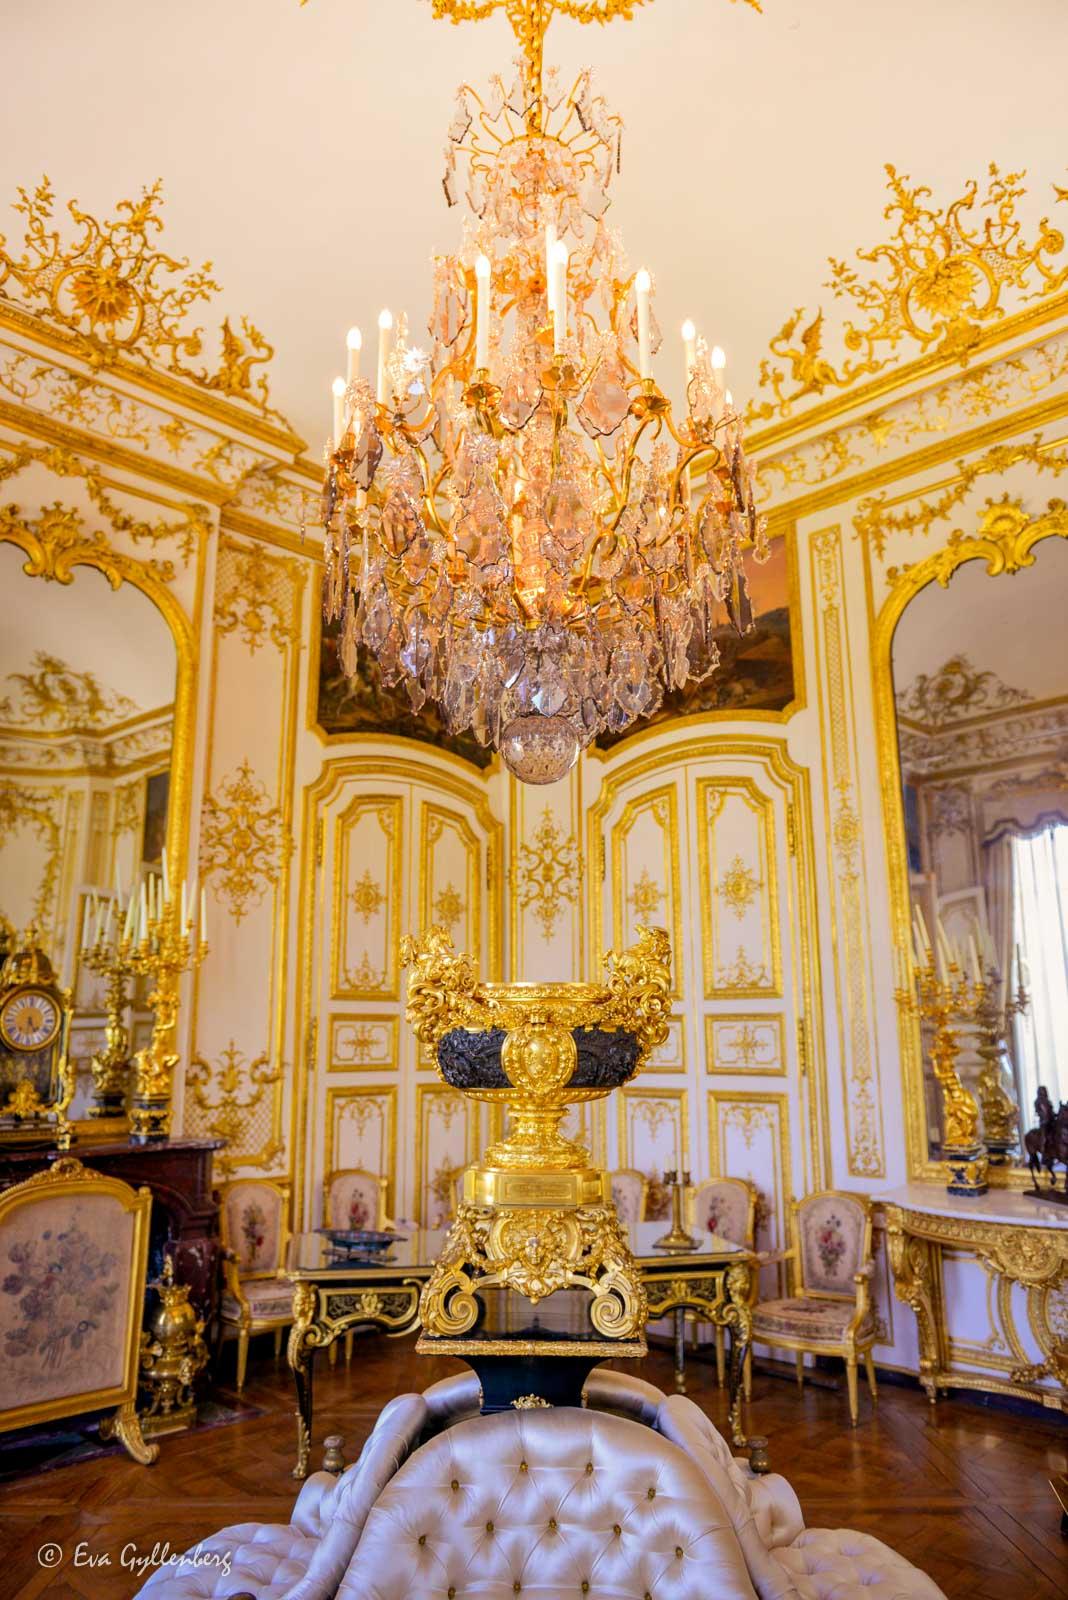 Inredning på slottet i Chantilly